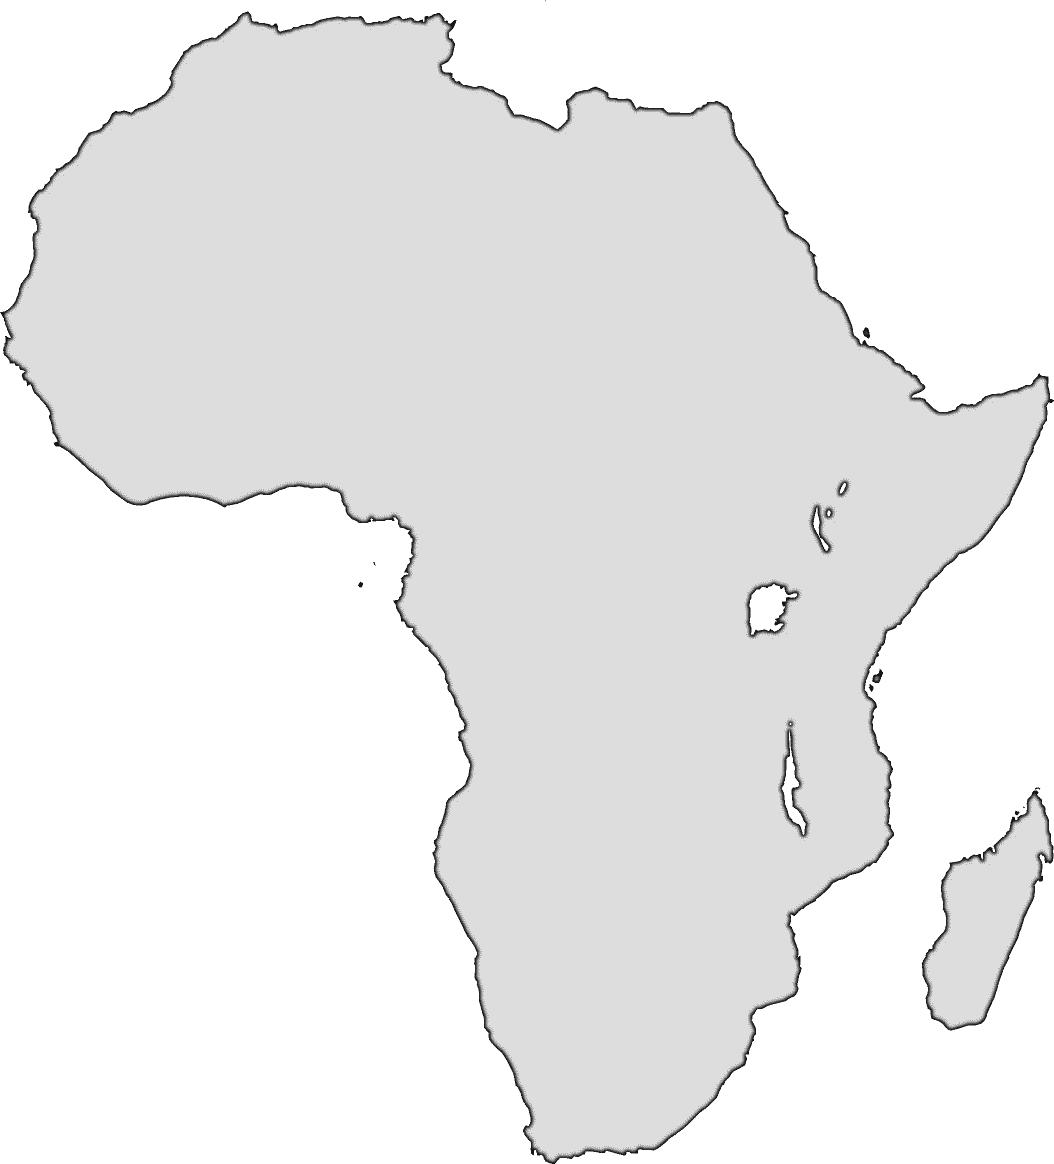 Worksheet. Image  AfricalargeBWpng  TheFutureOfEuropes Wiki  FANDOM